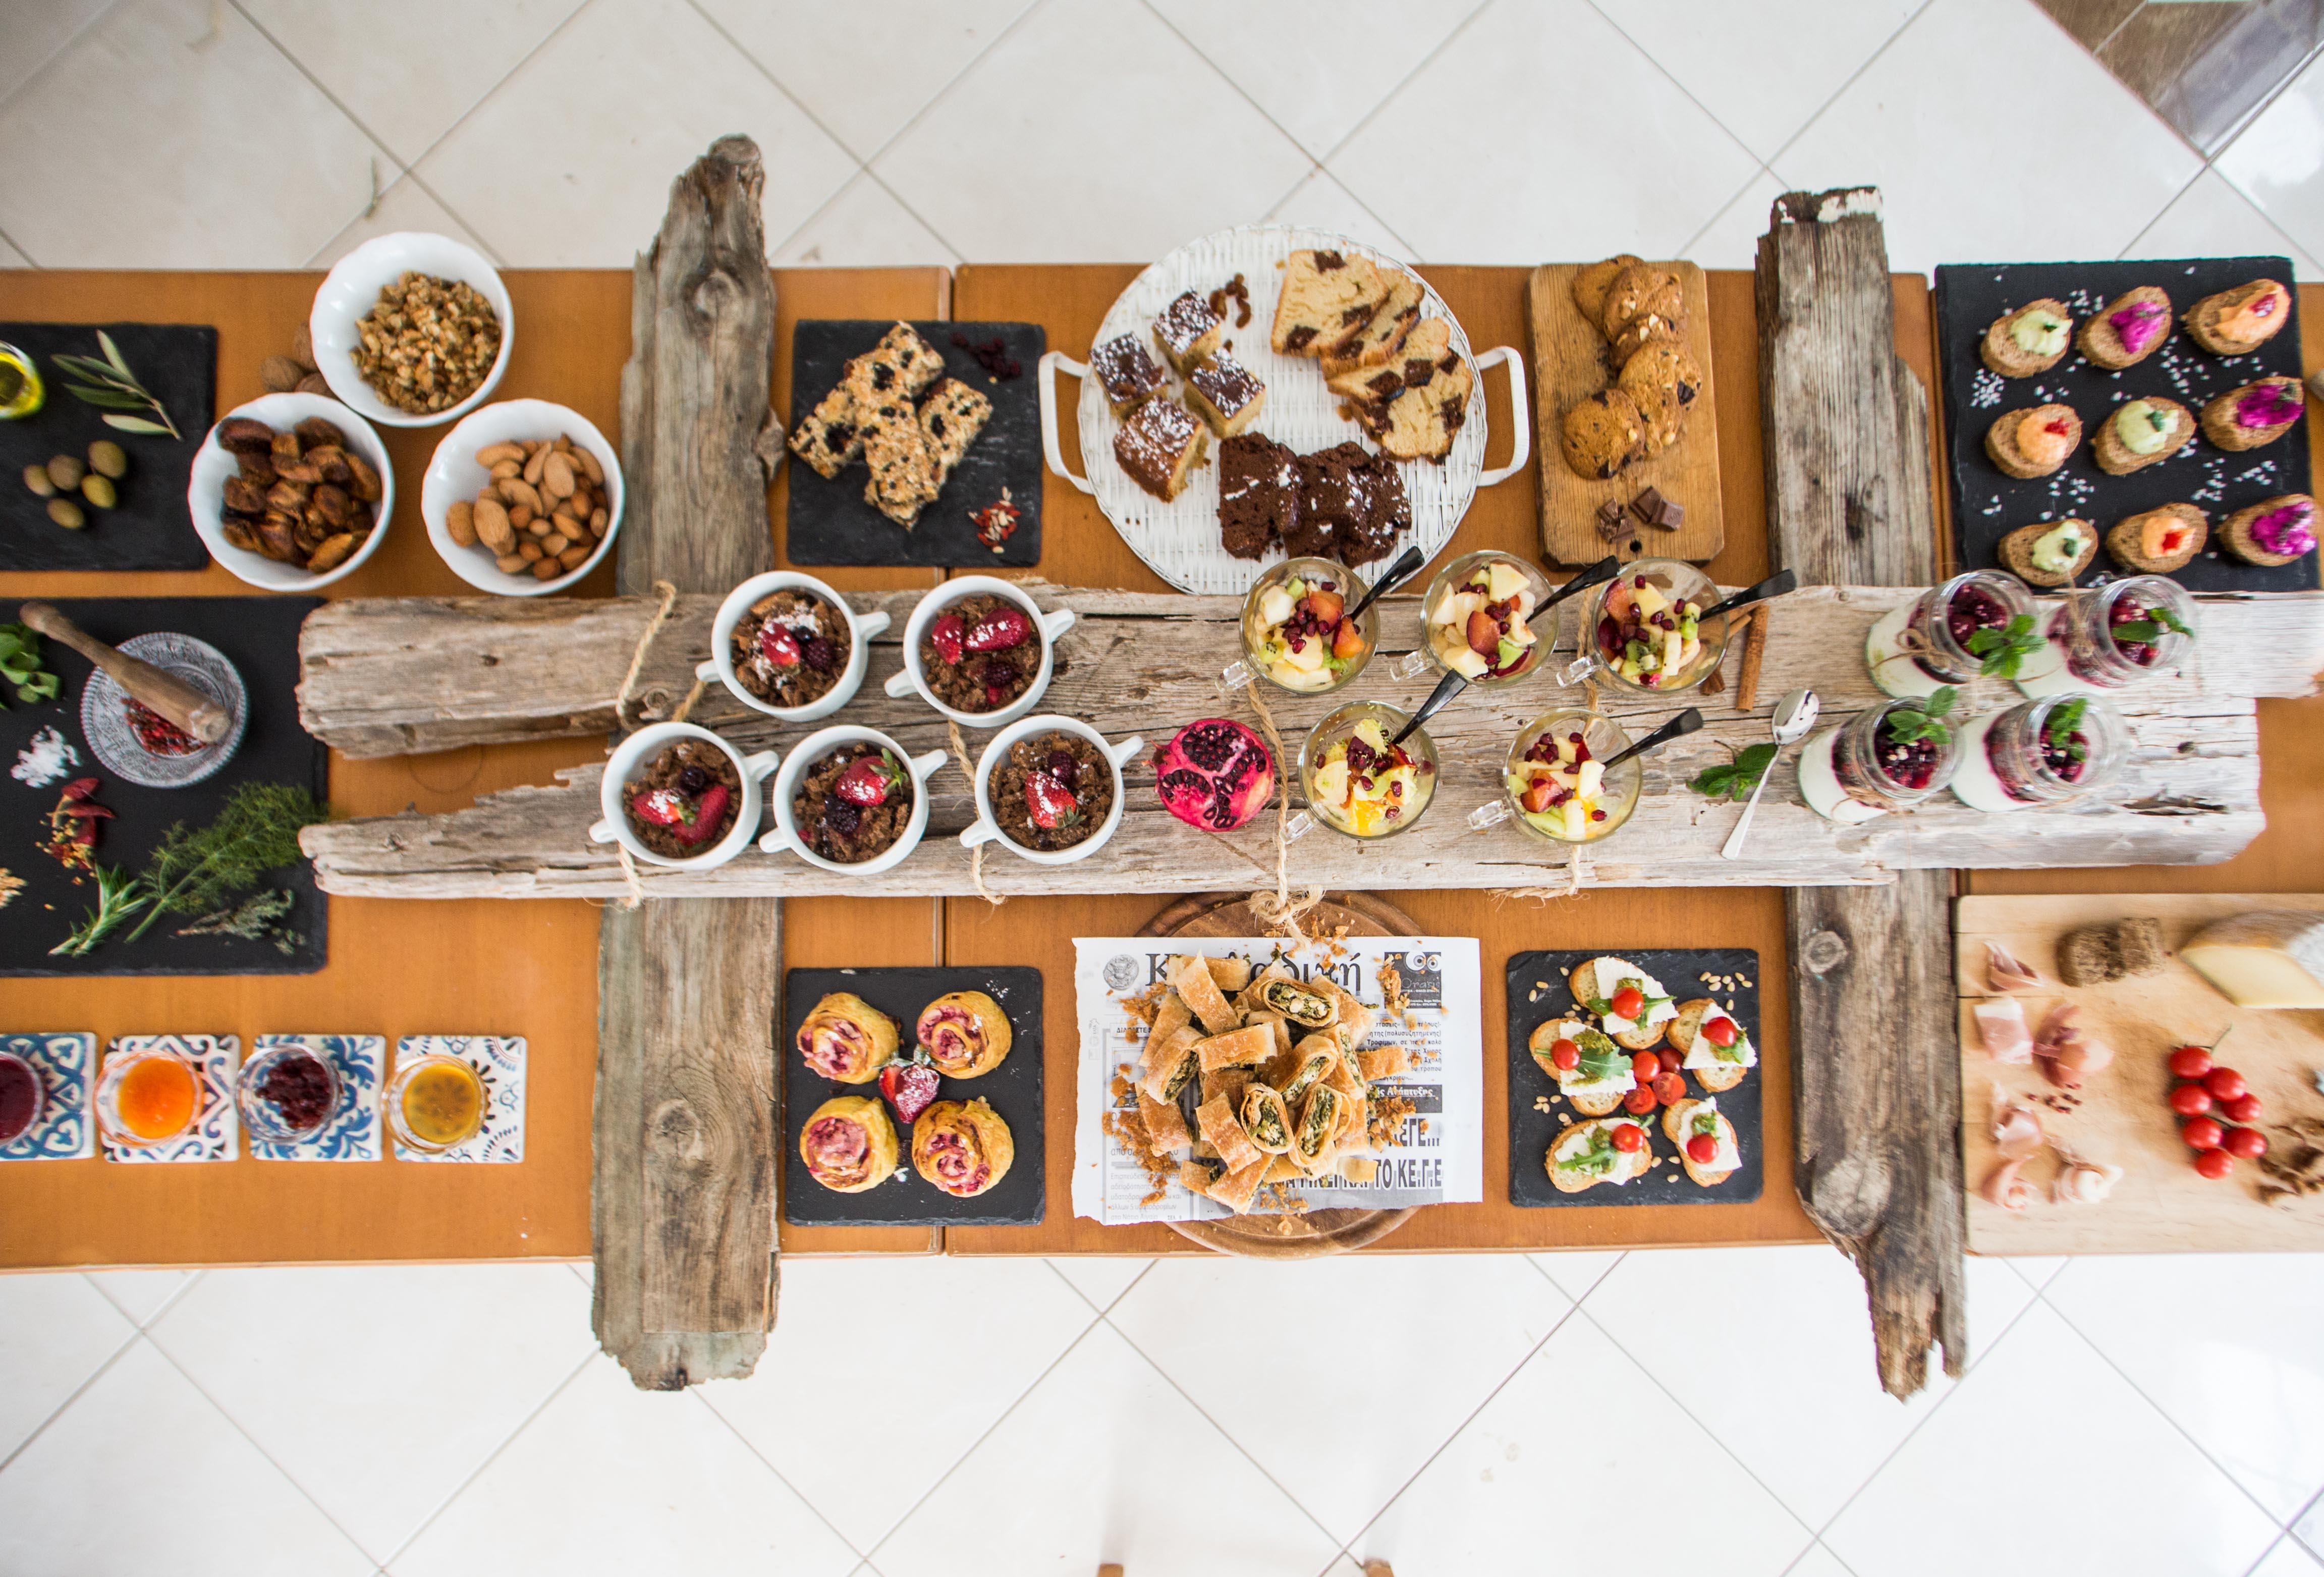 arttemis hotel breakfast buffet,naxos